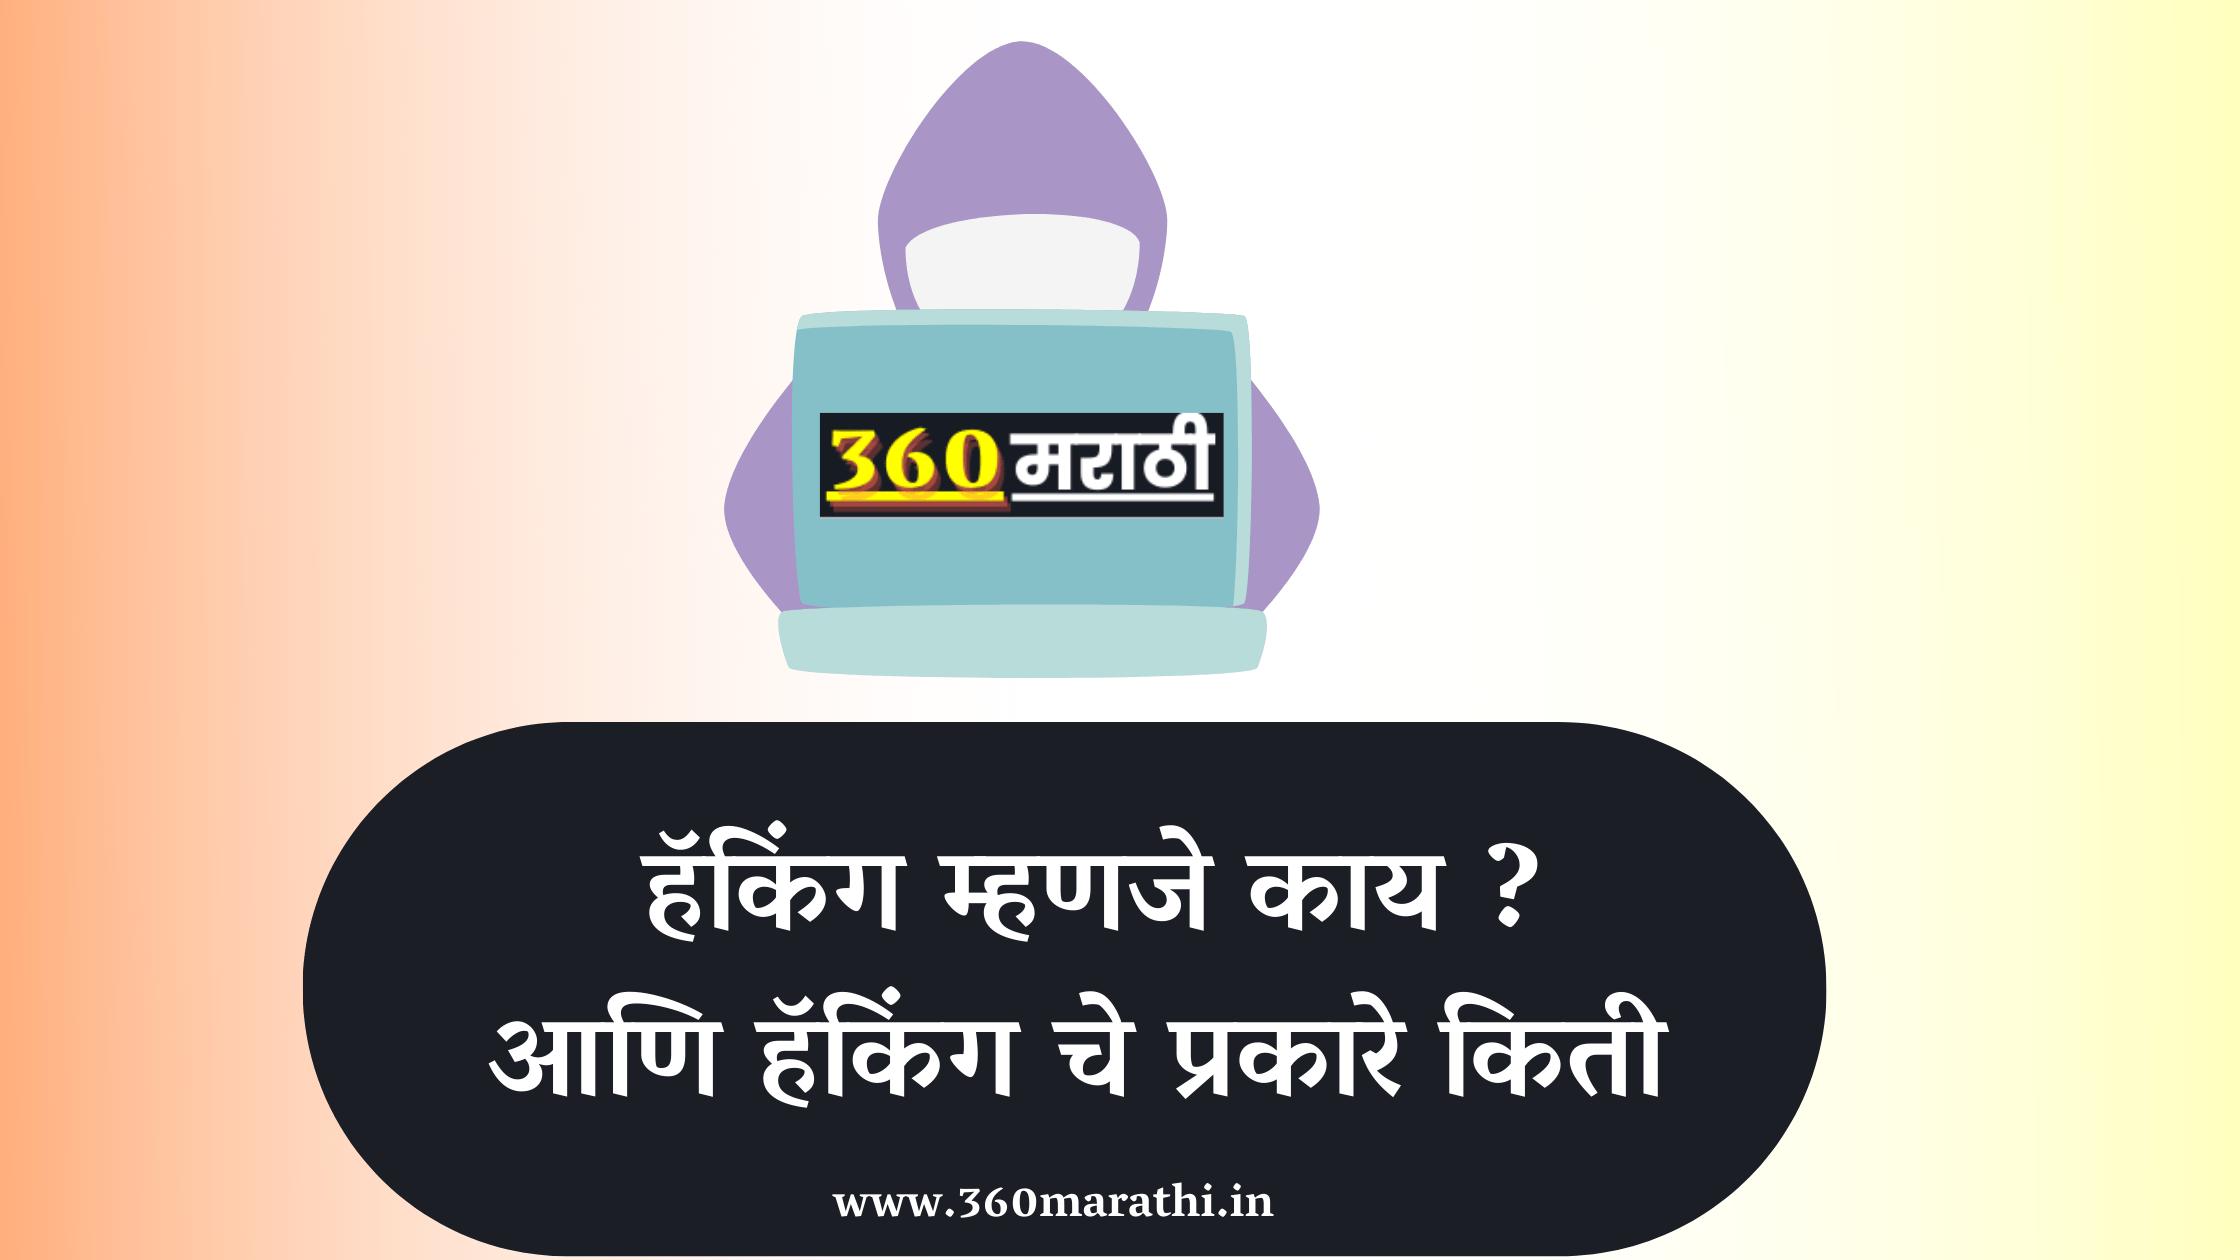 Hacking म्हणजे काय ? Hacking Information in Marathi